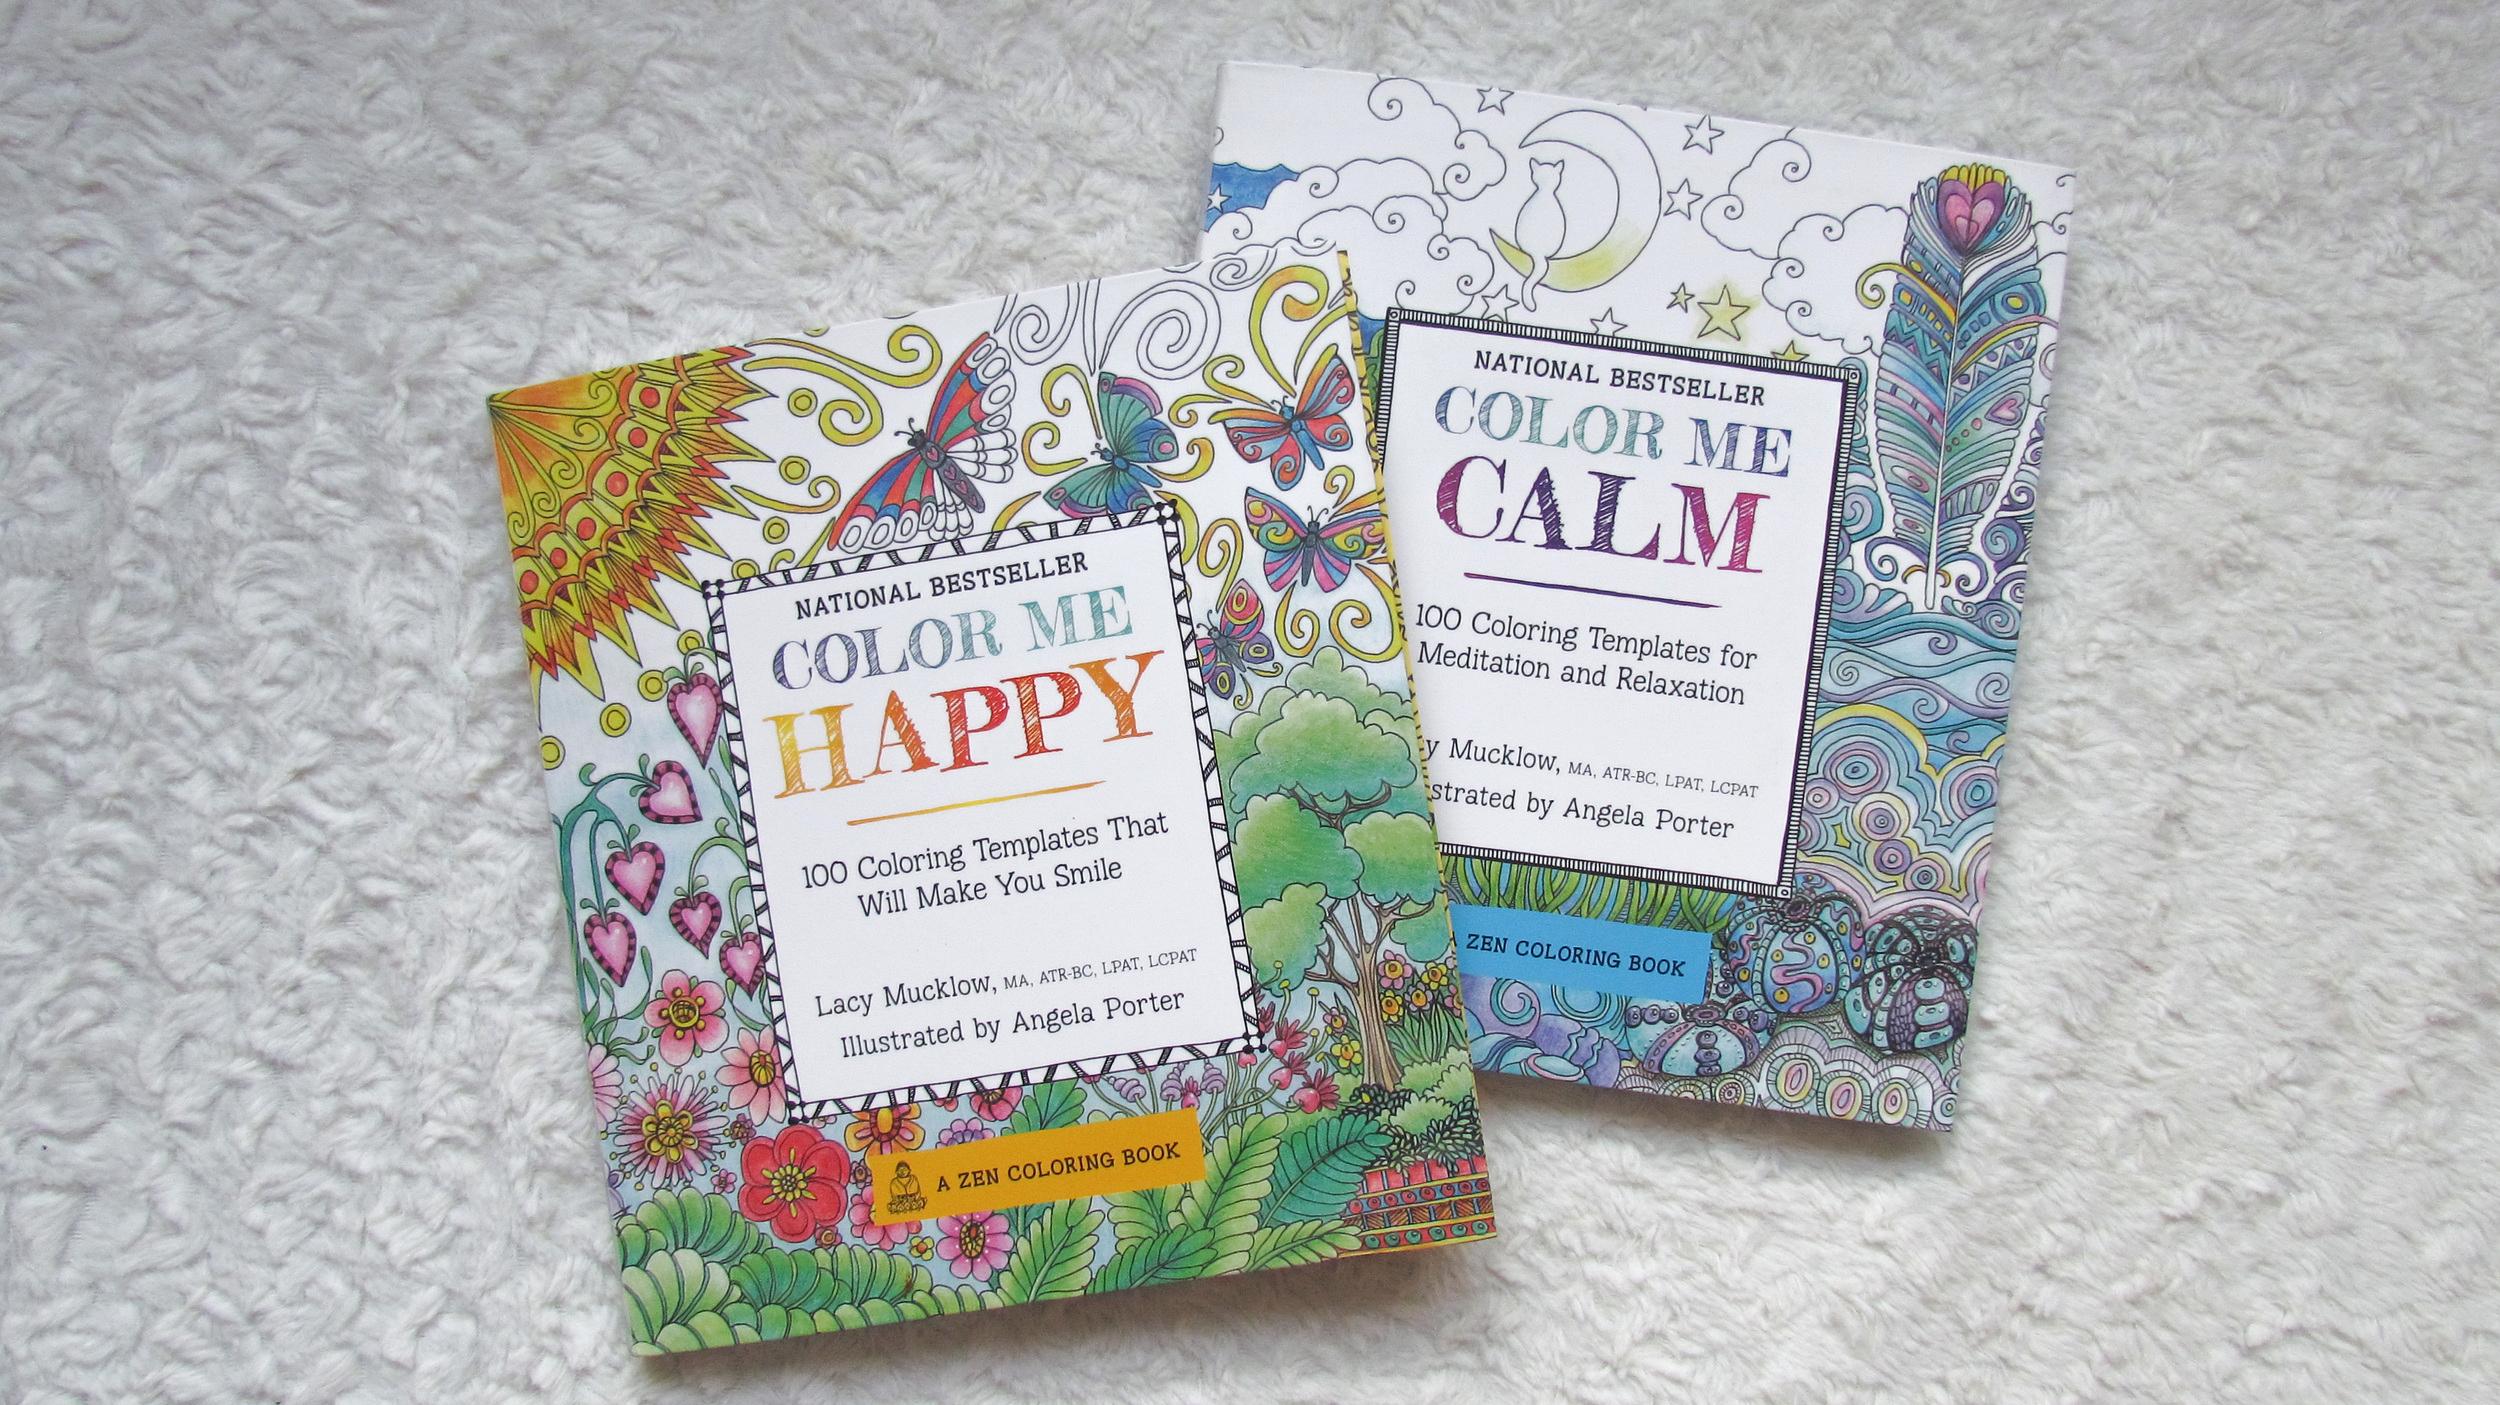 April Favorites - Color Me Happy & Color Me Calm Adult coloring books